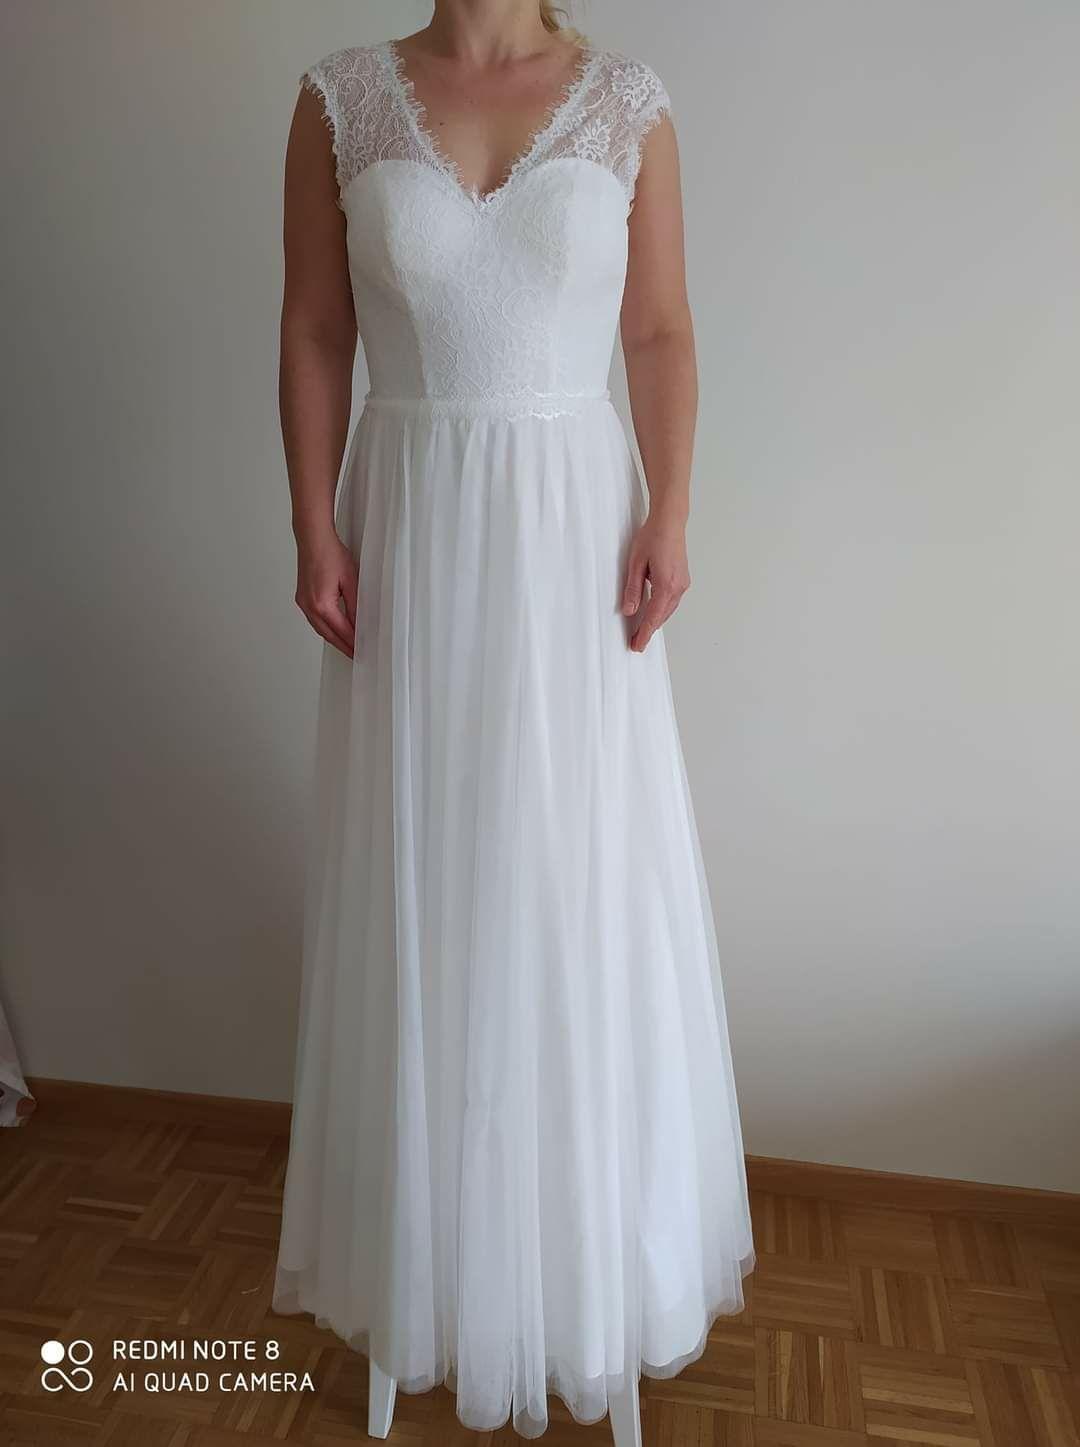 Sukienka ślubna, na ślub cywilny biała, nowa, rozmiar 36 (s)